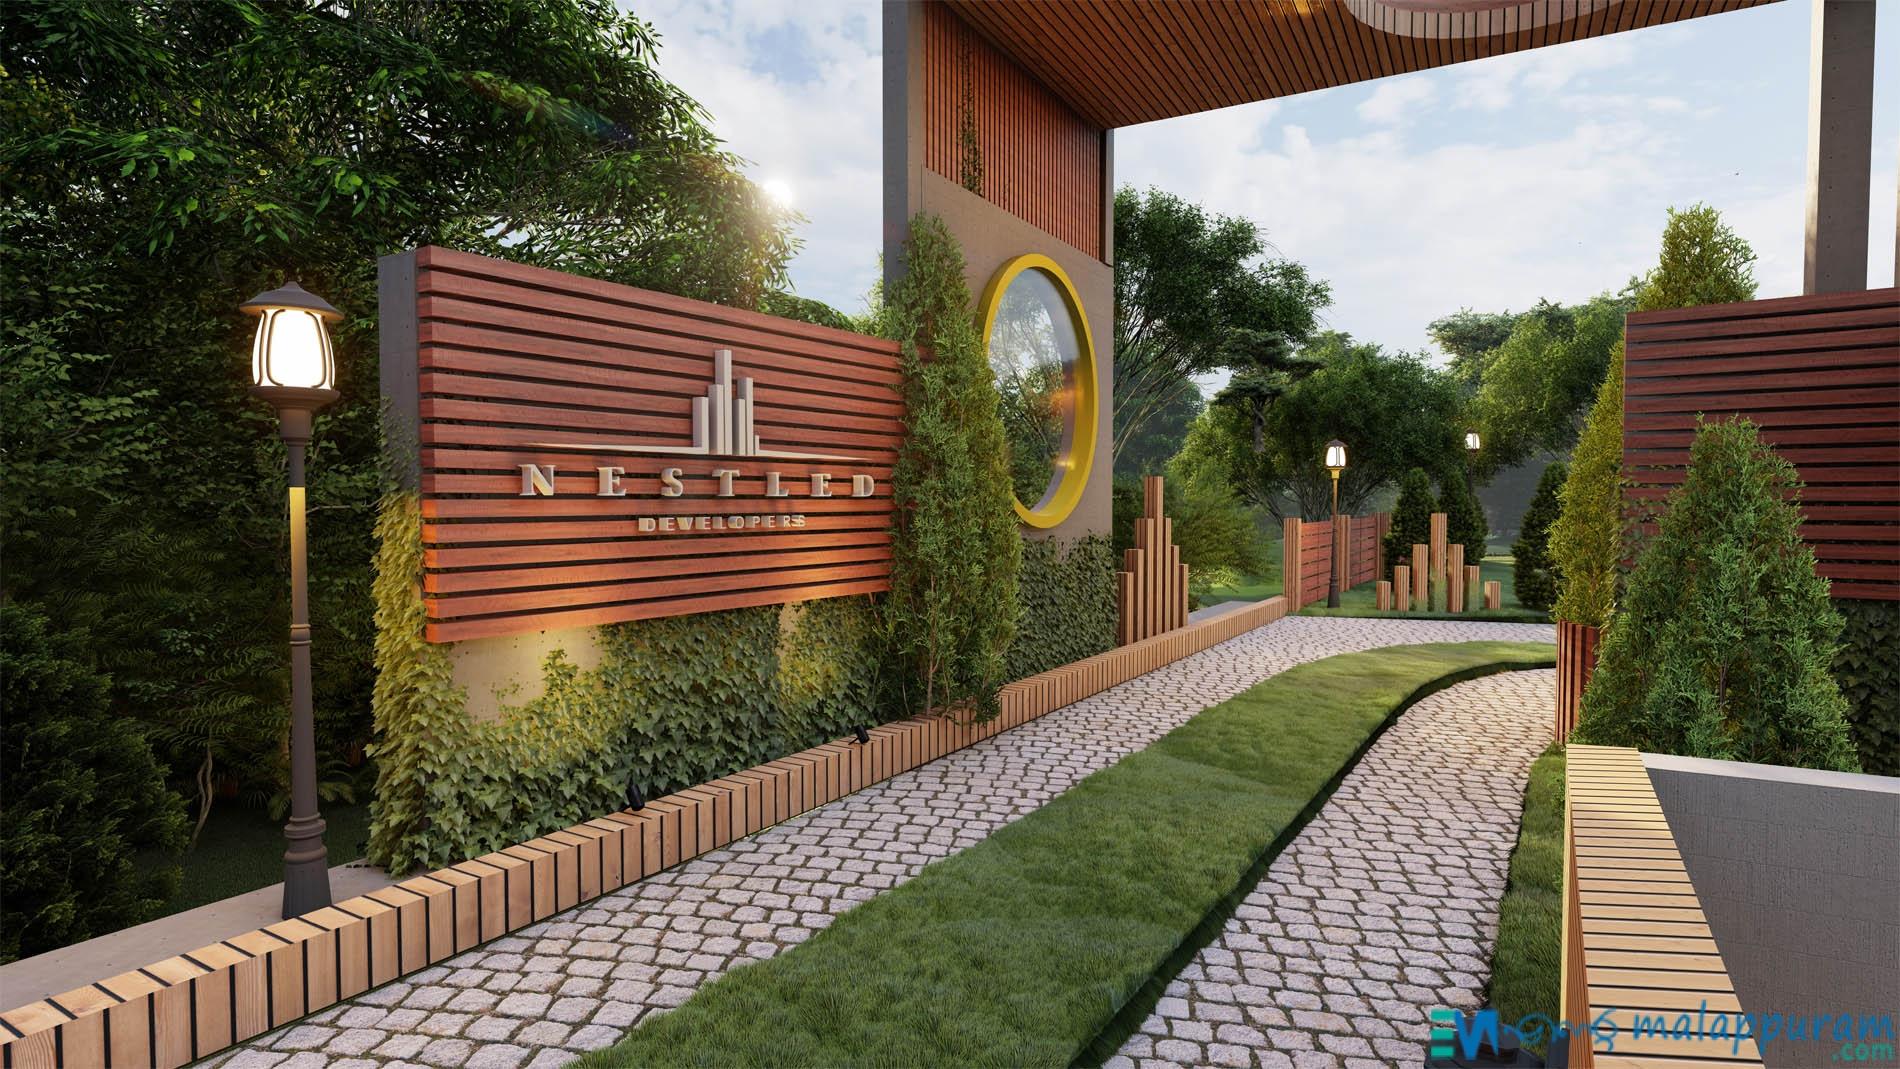 Green Village 2BHK, 3BHK Luxury Villas in Kalikav Malappuram – by Neslted Developers